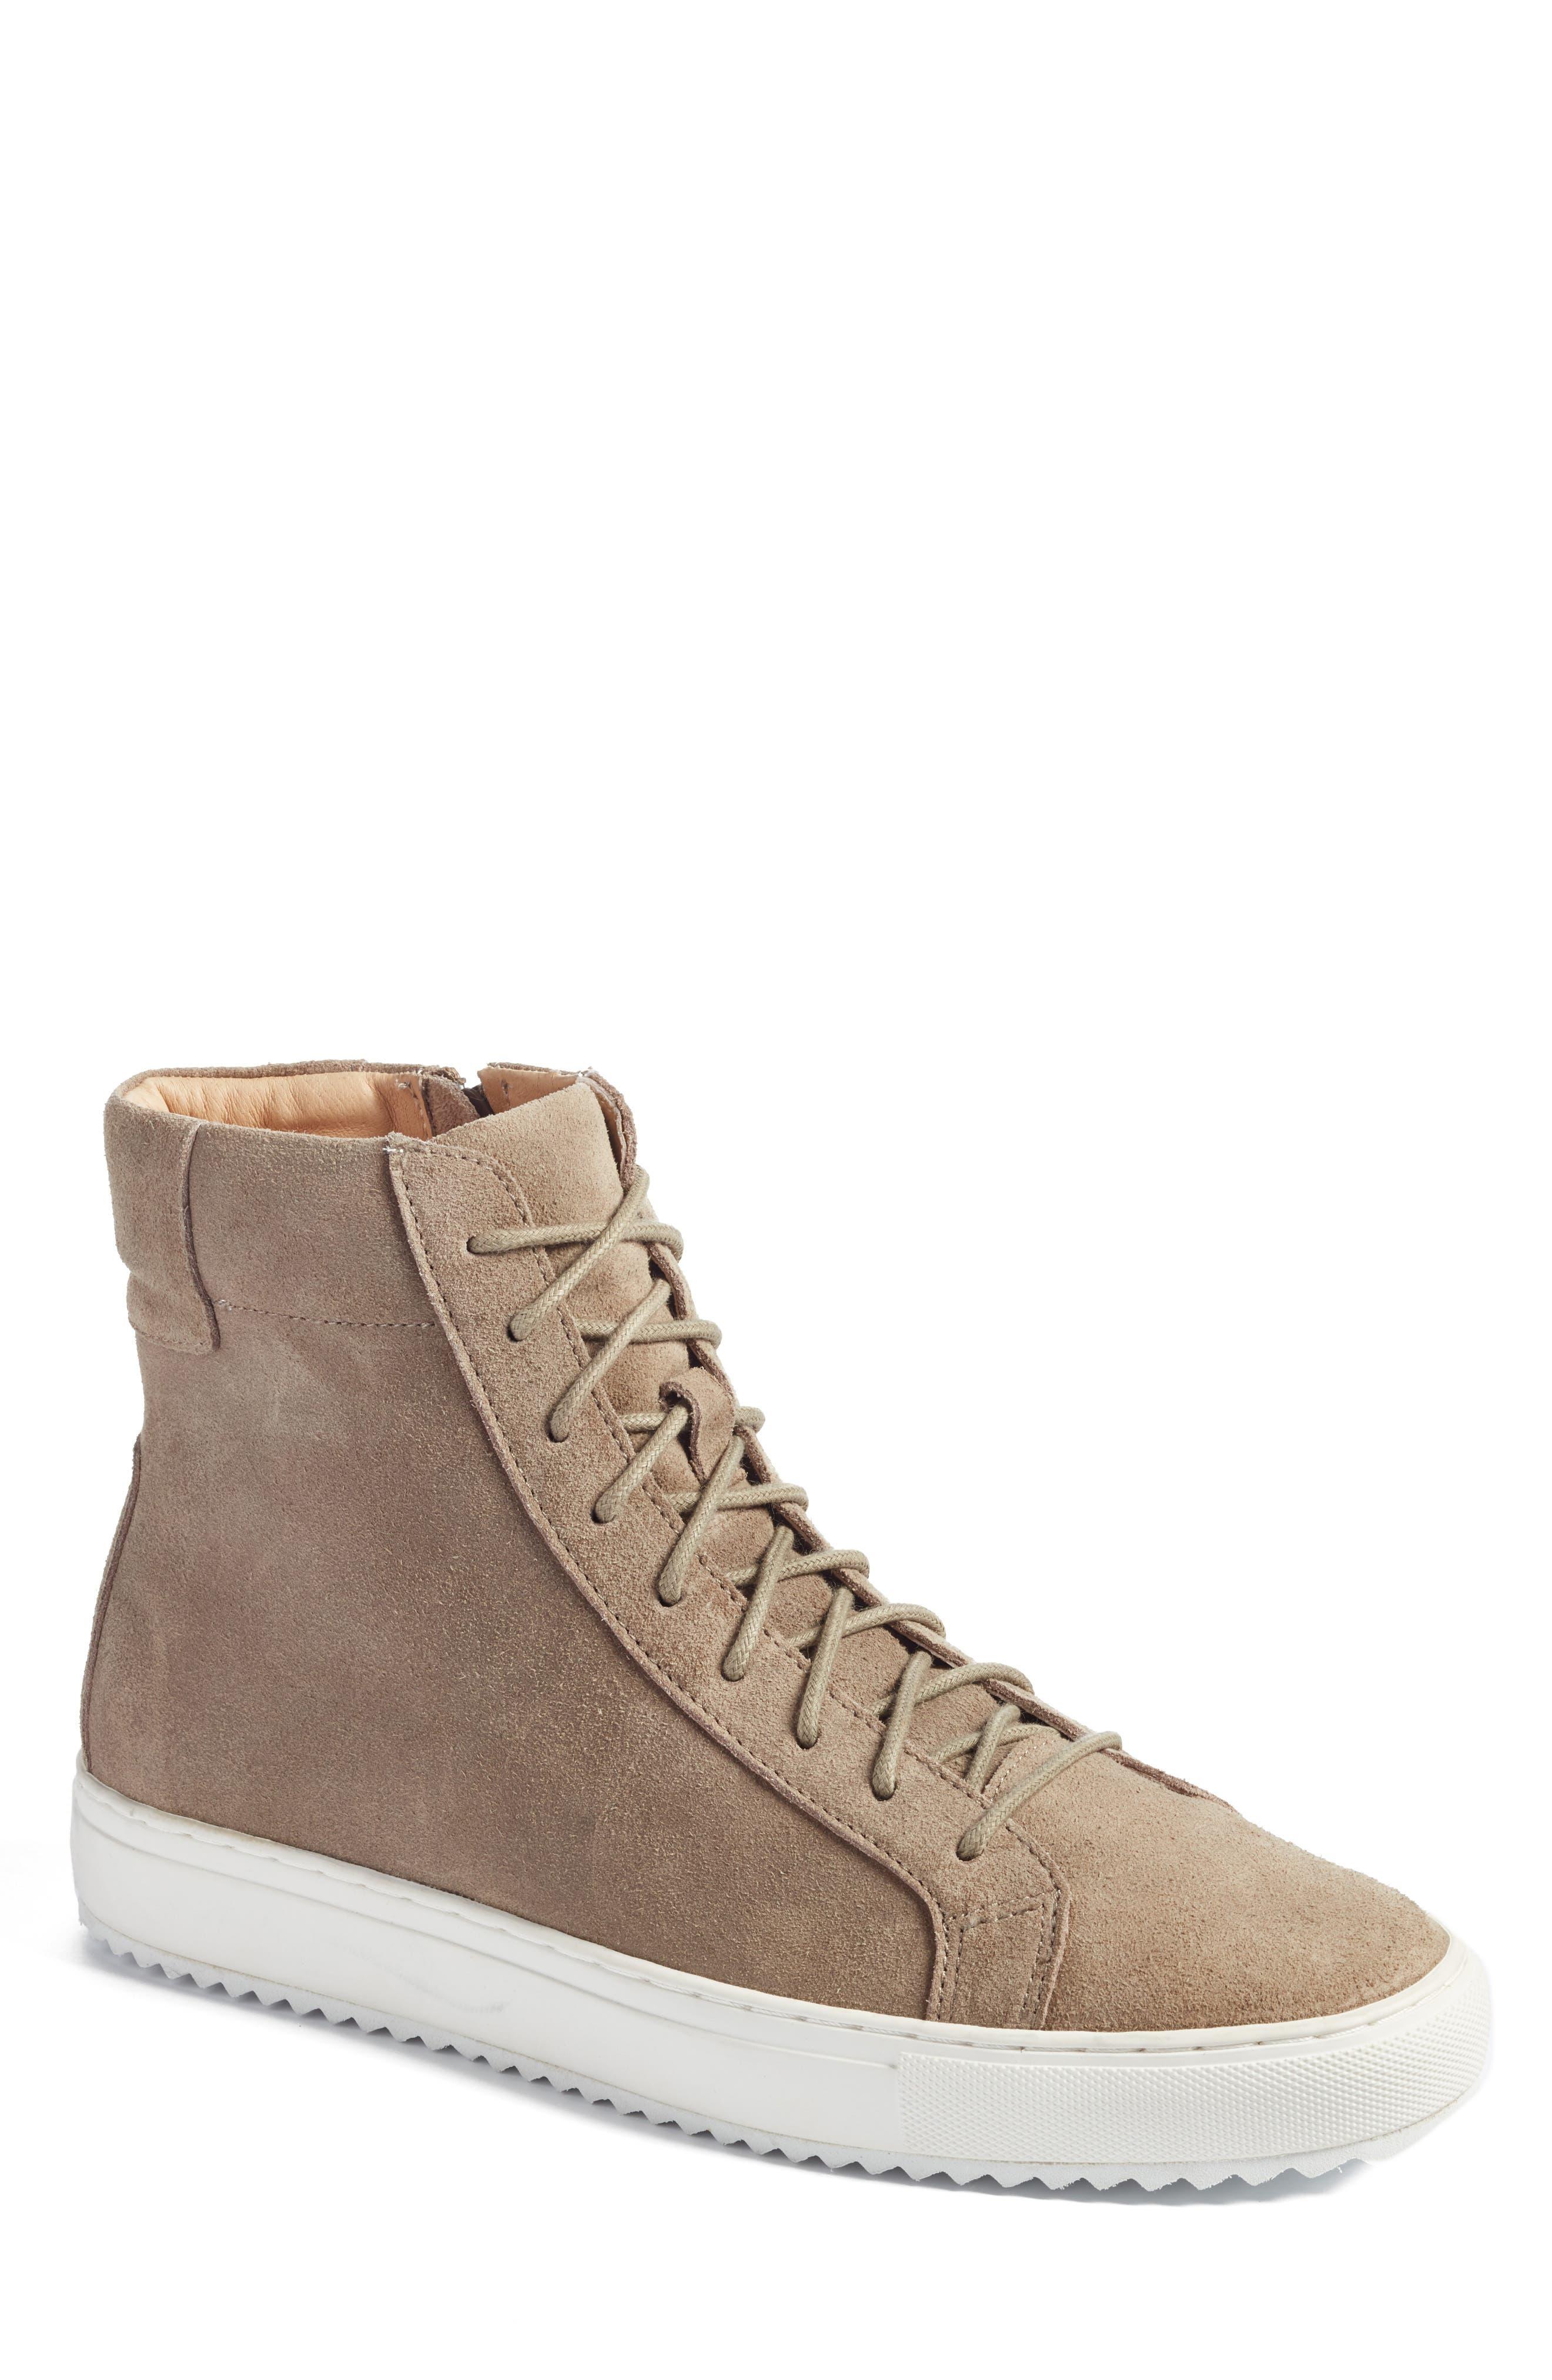 Logan Water Resistant High Top Sneaker,                             Main thumbnail 3, color,